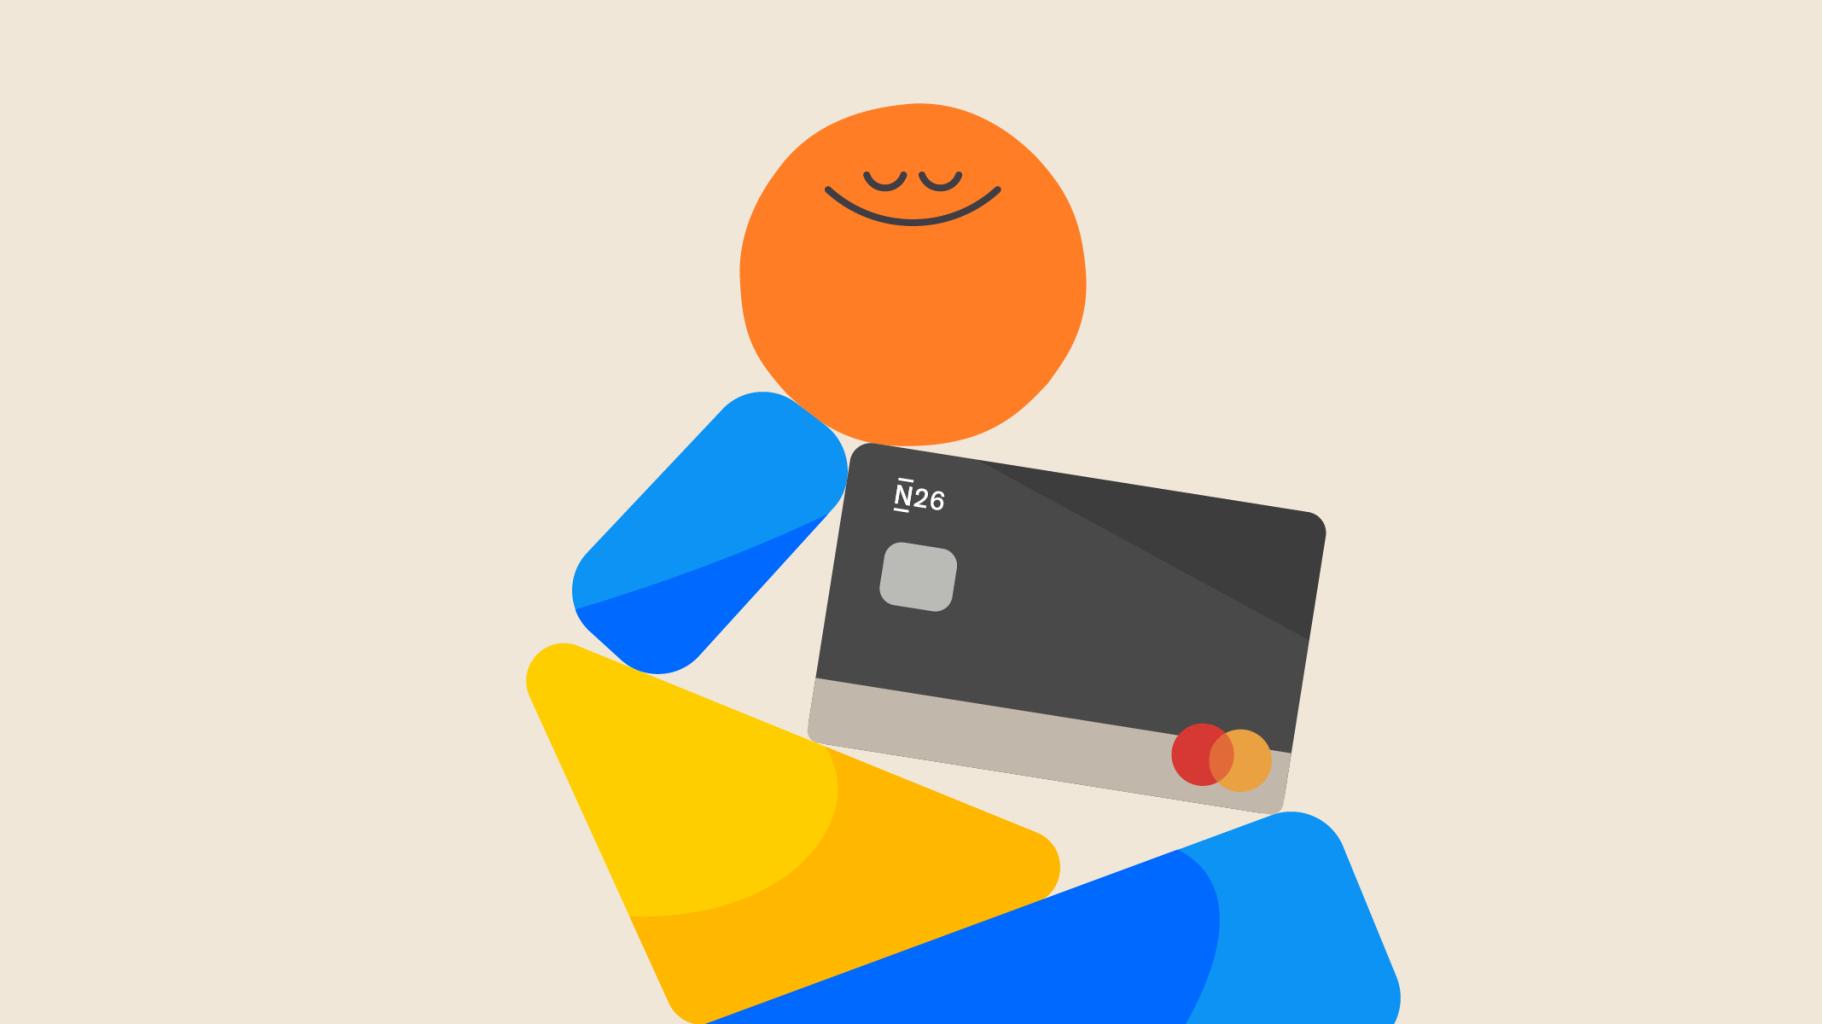 Rilassarsi e imparare grazie alla propria banca digitale thumbnail